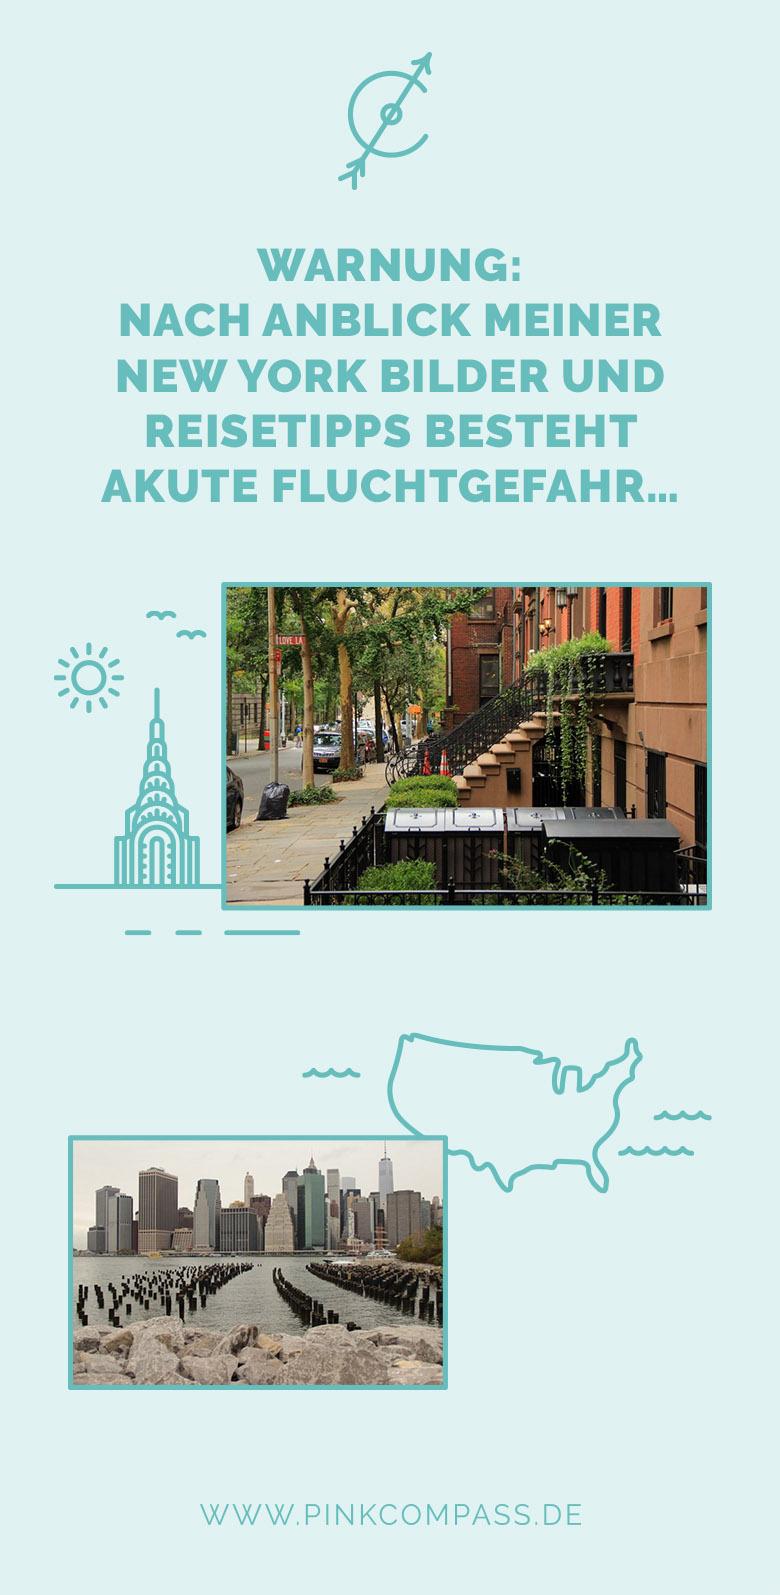 Bilder und Reisetipps für New York